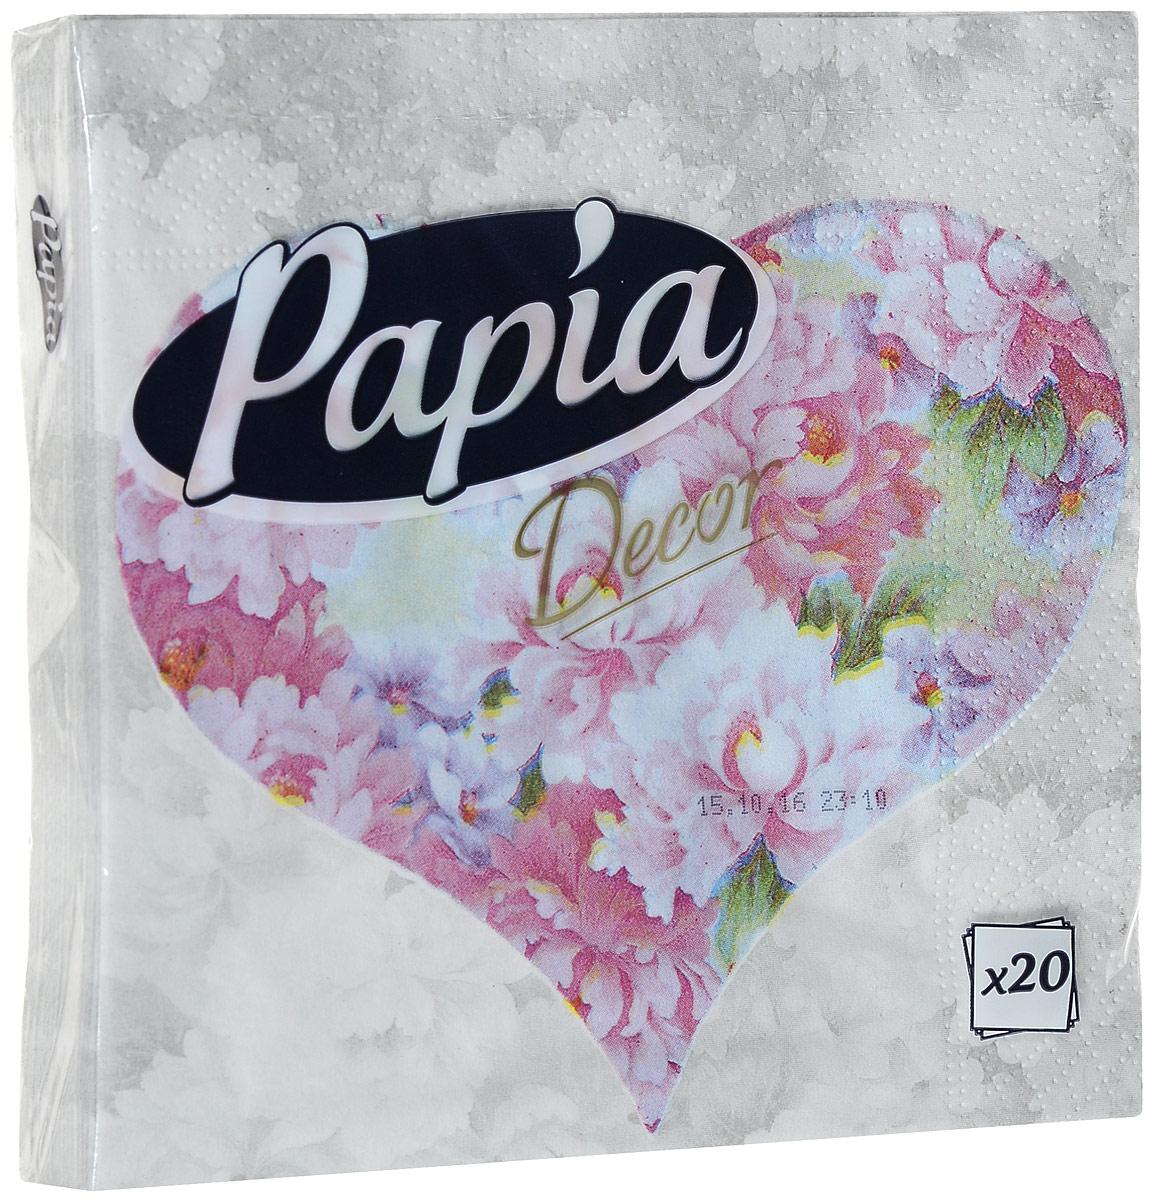 Салфетки бумажные Papia Decor, трехслойные, цвет: розовые пионы, 33 х 33 см, 20 шт салфетки pol mak детский мотив трехслойные 33 х 33 см 20 шт